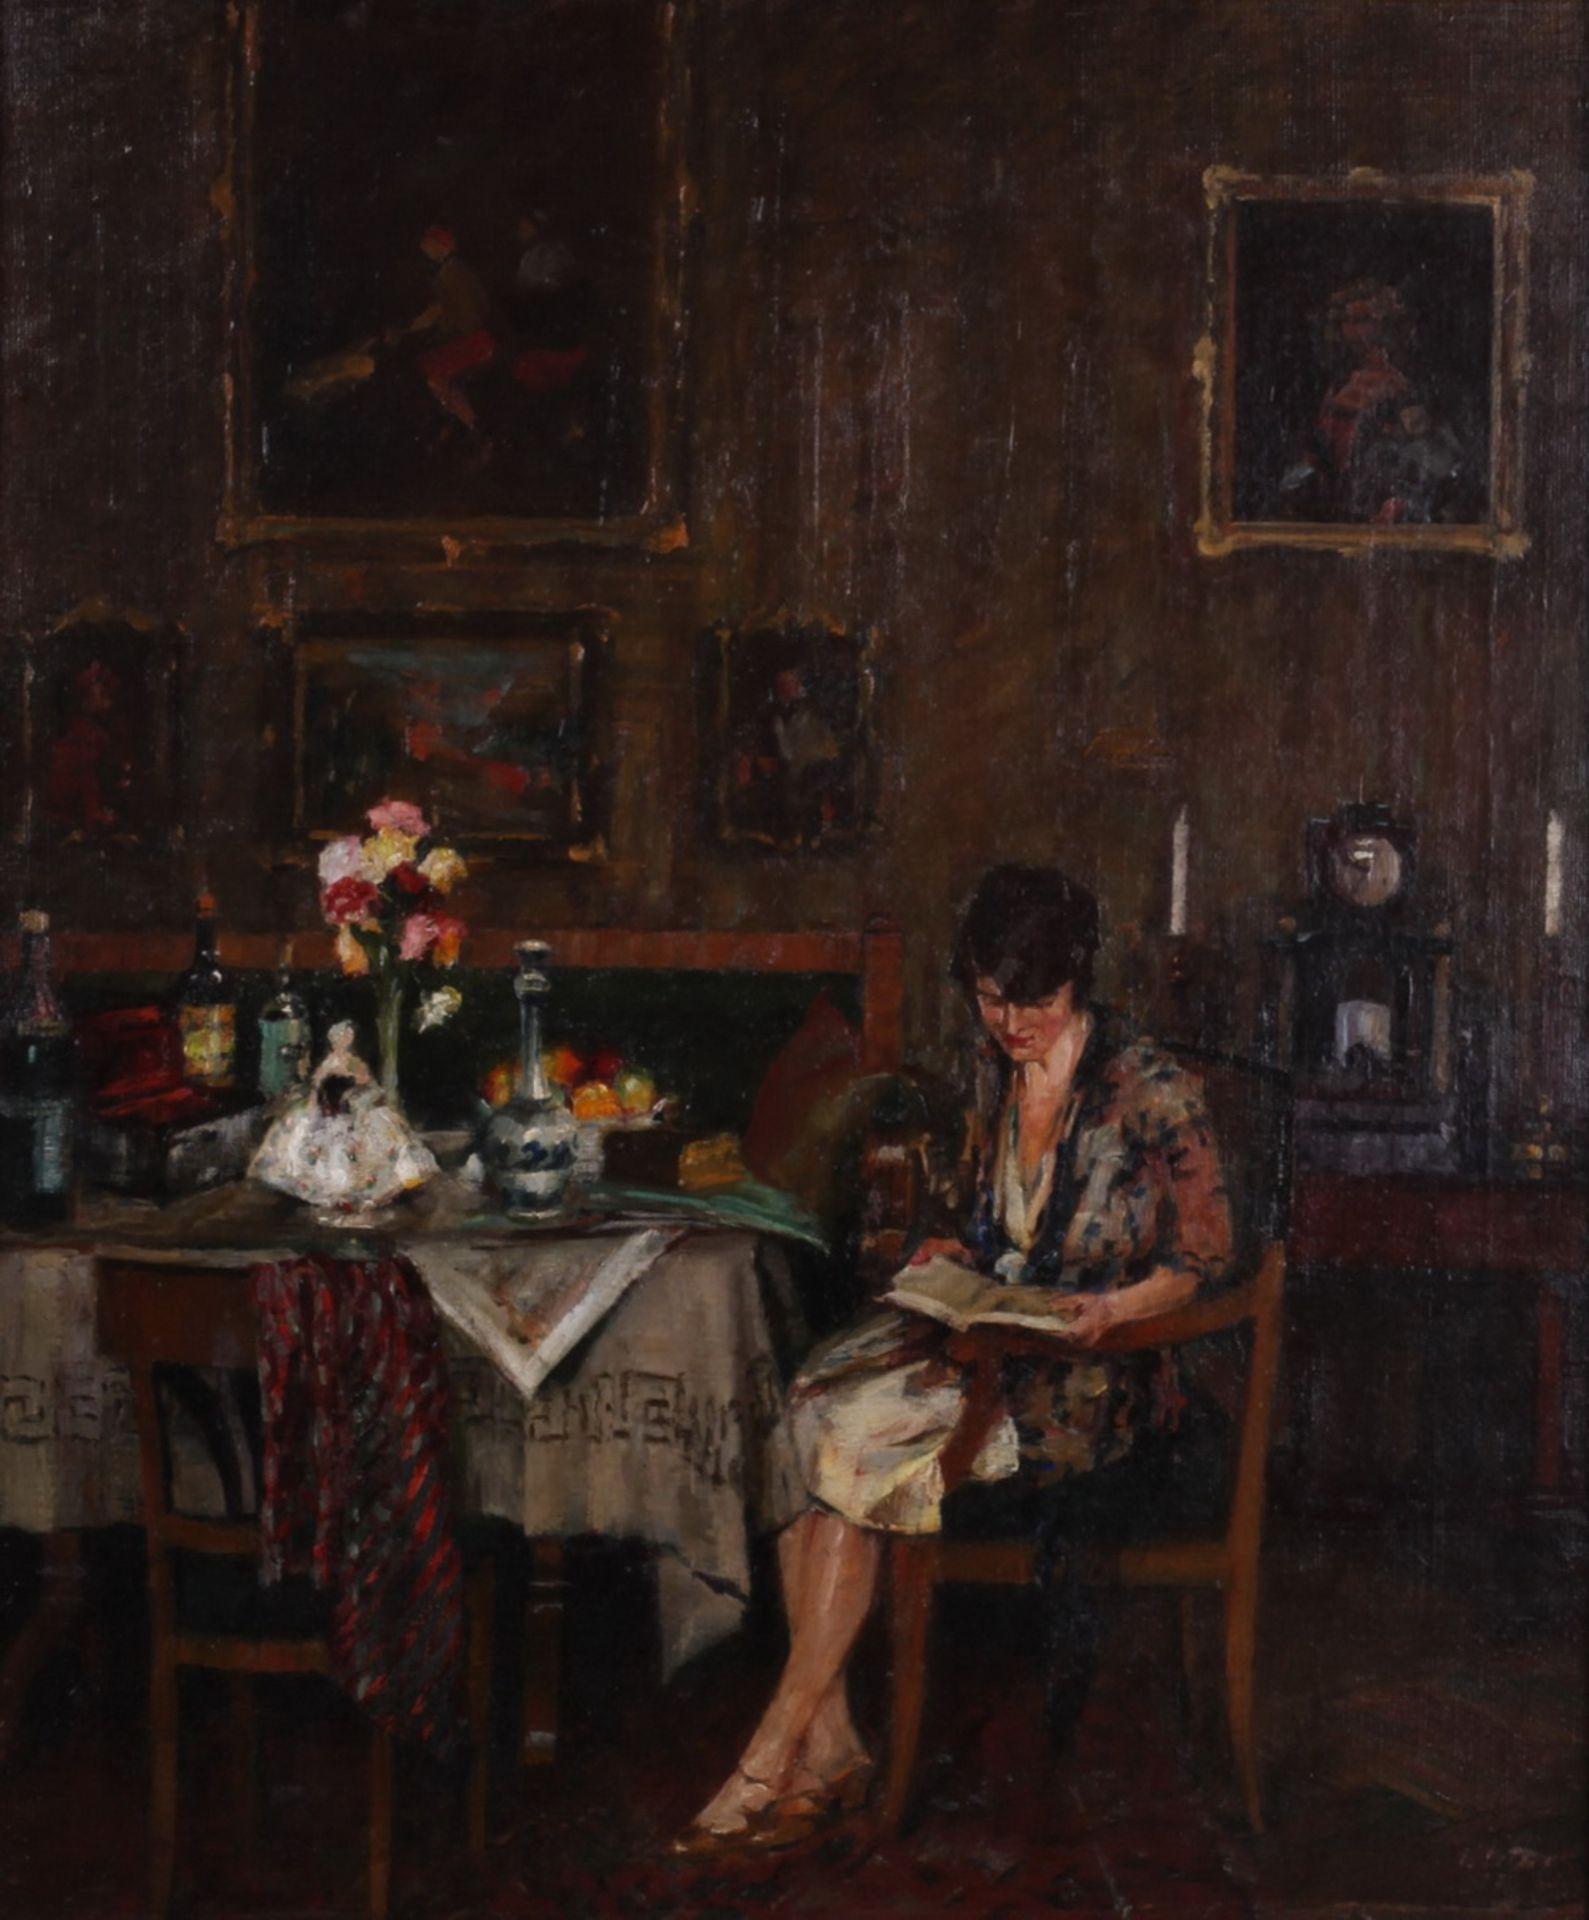 Charles Vetter (1858-1936). Genre scene in the living room. 1930. <br>Oil on canvas. 61x51 cm. Frame